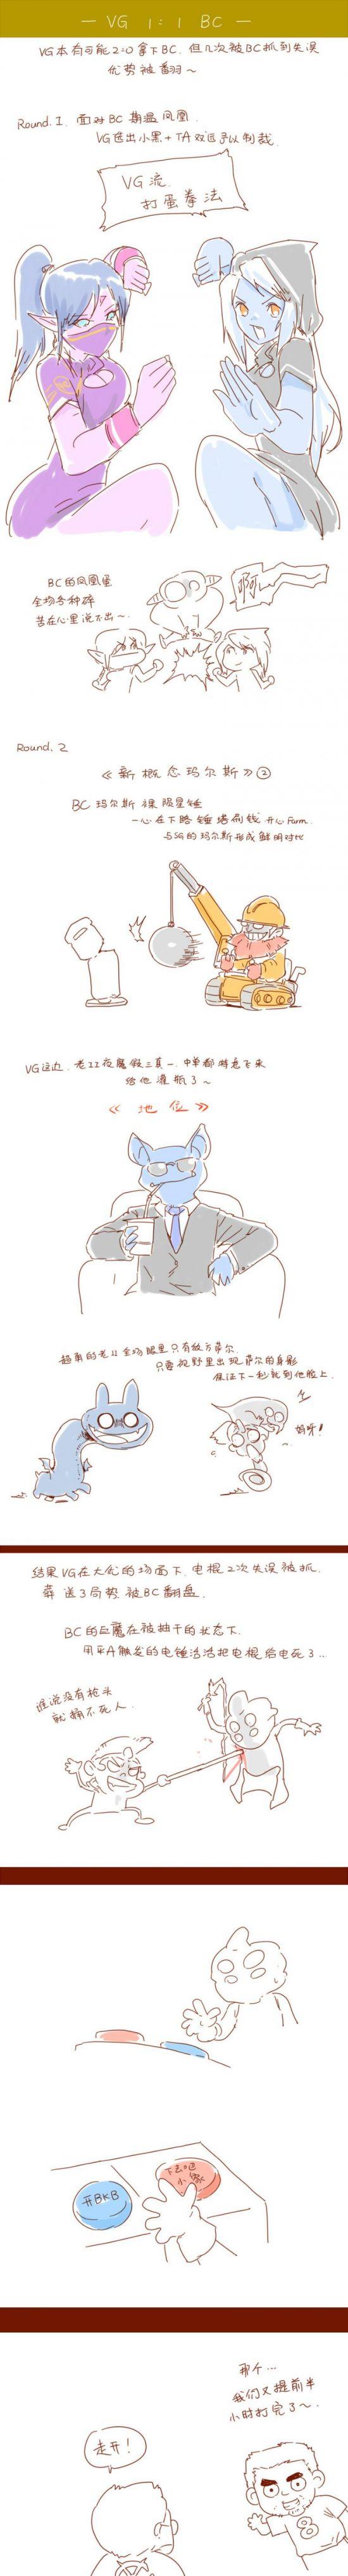 【蜗牛电竞】TI10小组赛第三日:iG与LGD锁定胜者组